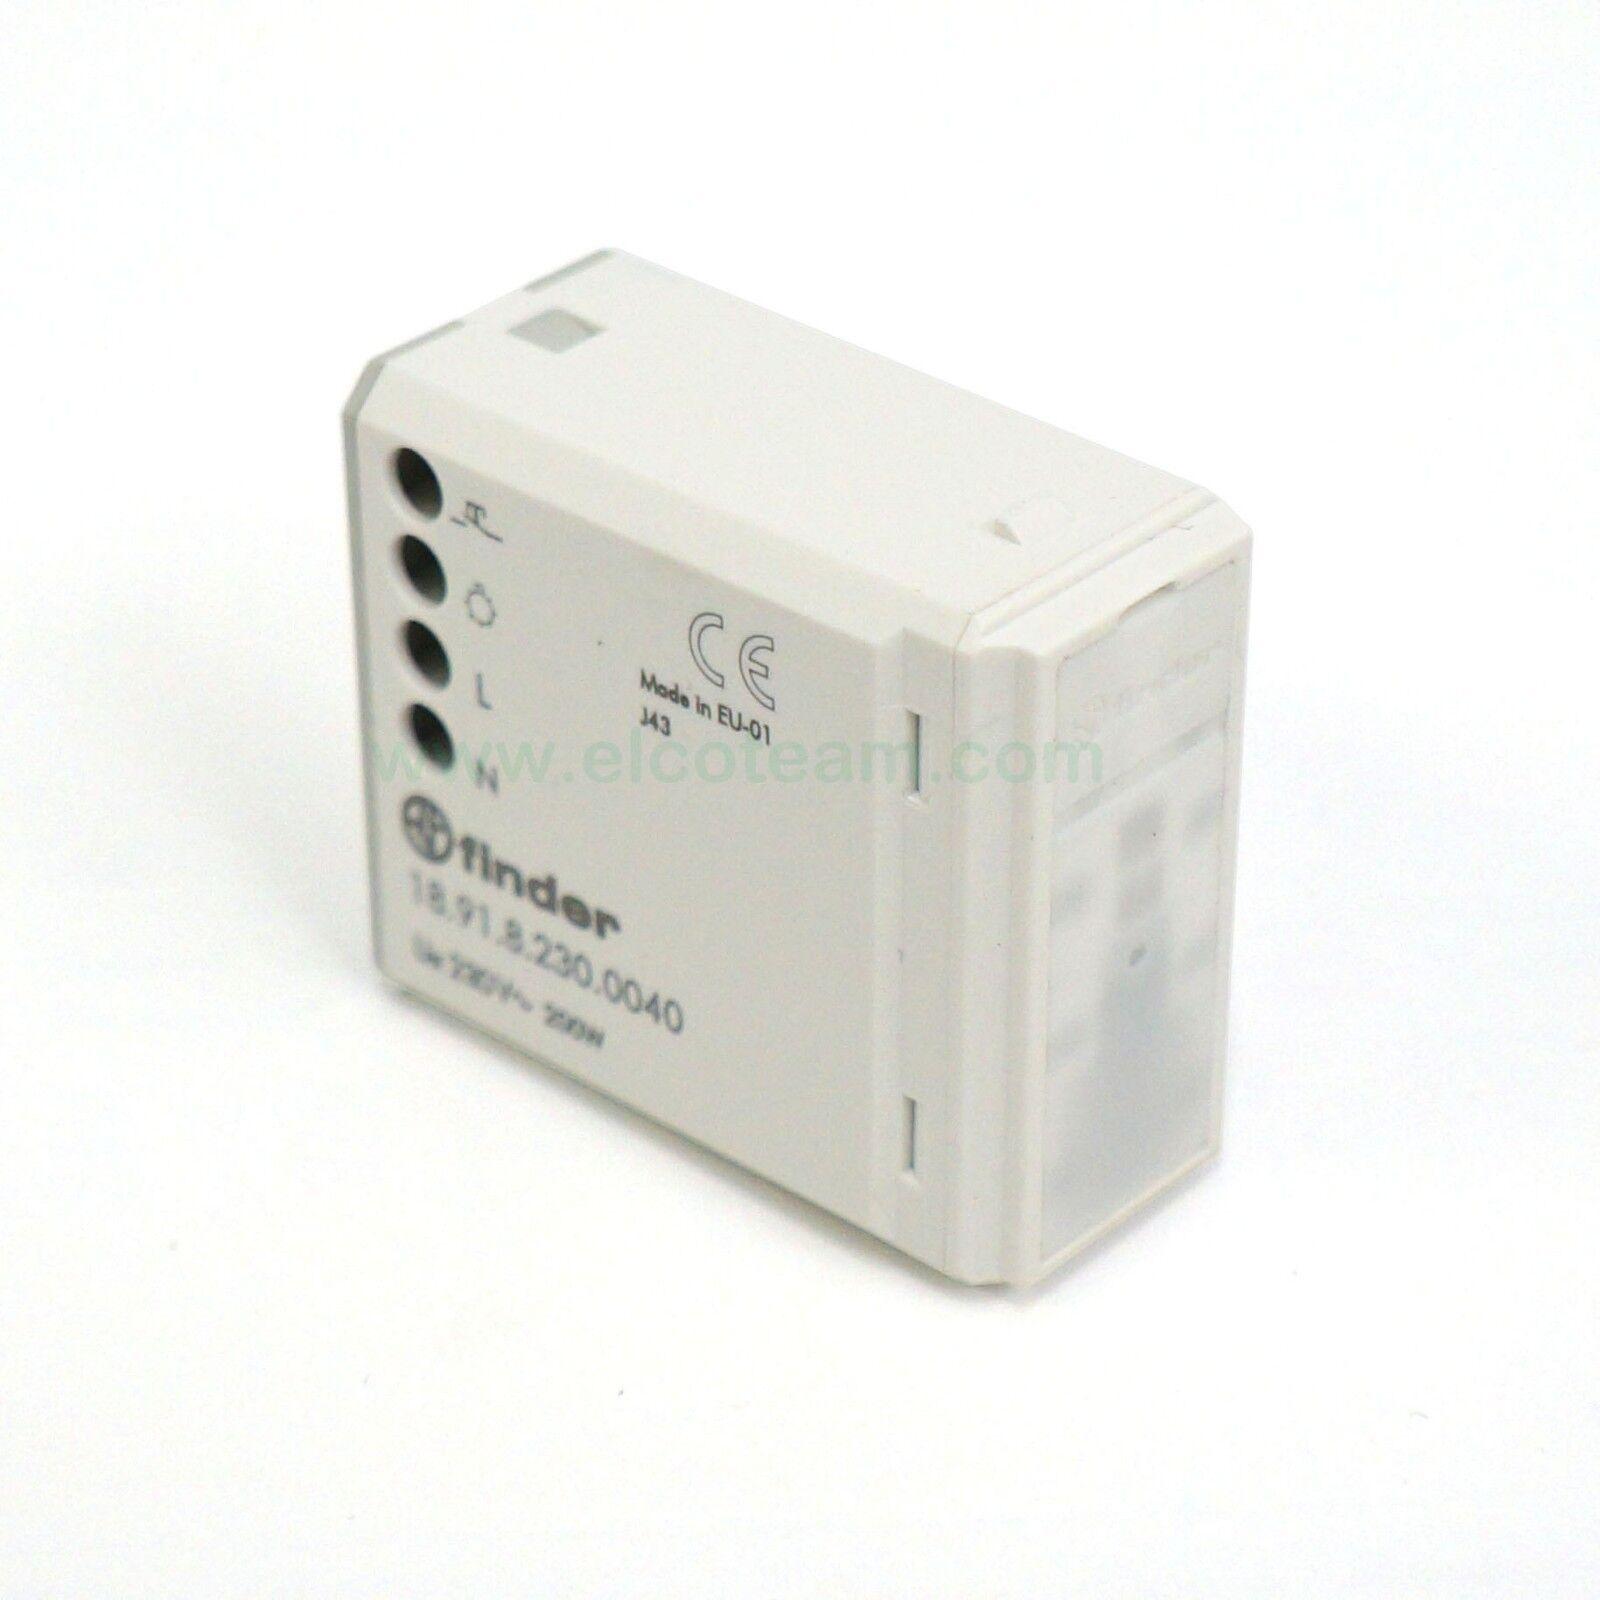 Finder 18.91.8.230.0040 Detektor der Bewegung für international für Schachteln